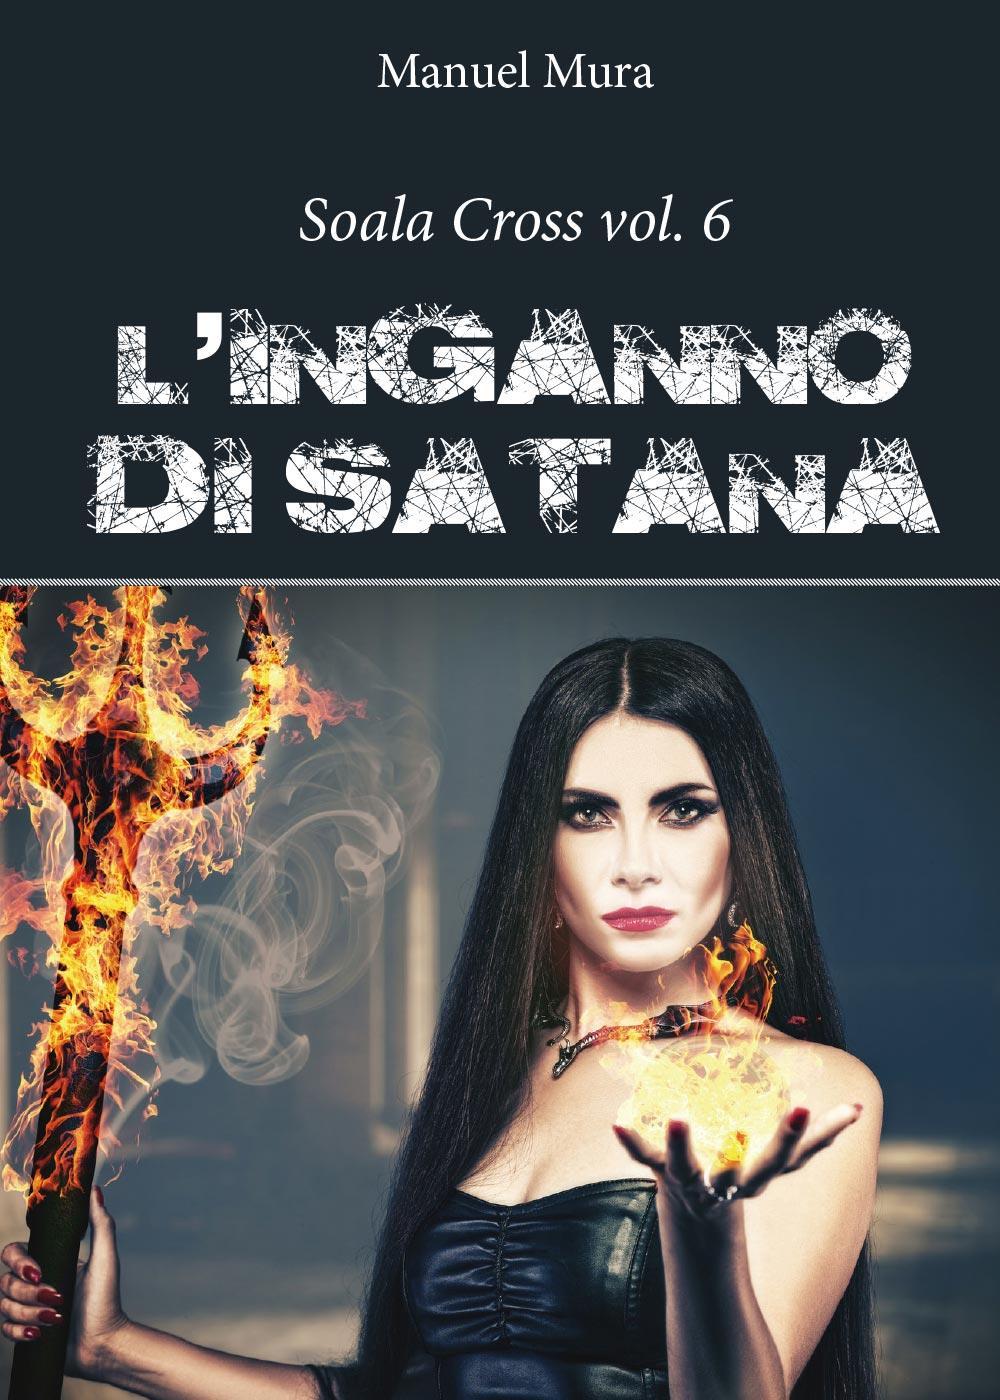 Soala Cross vol. 6 - L'inganno di Satana